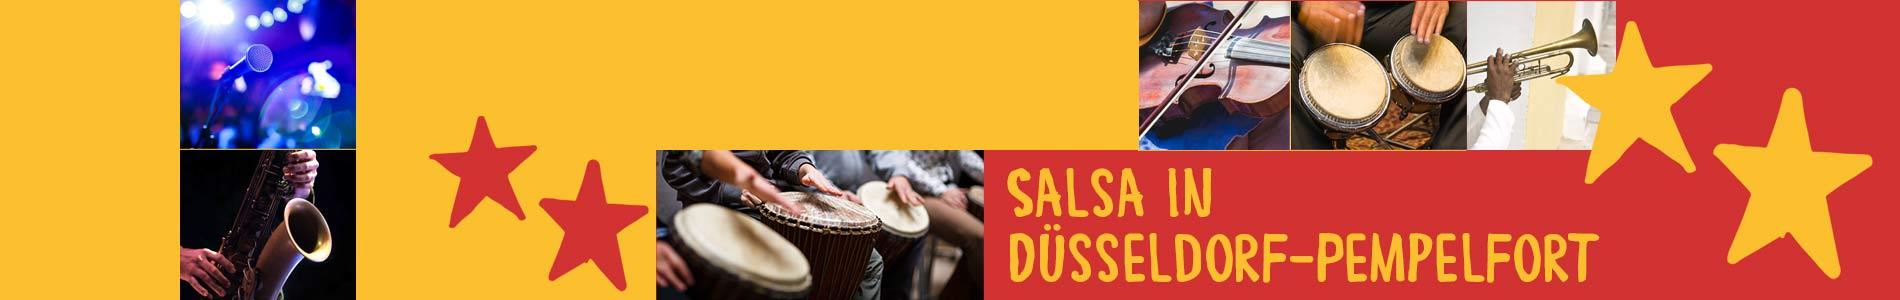 Salsa in Düsseldorf – Salsa lernen und tanzen, Tanzkurse, Partys, Veranstaltungen